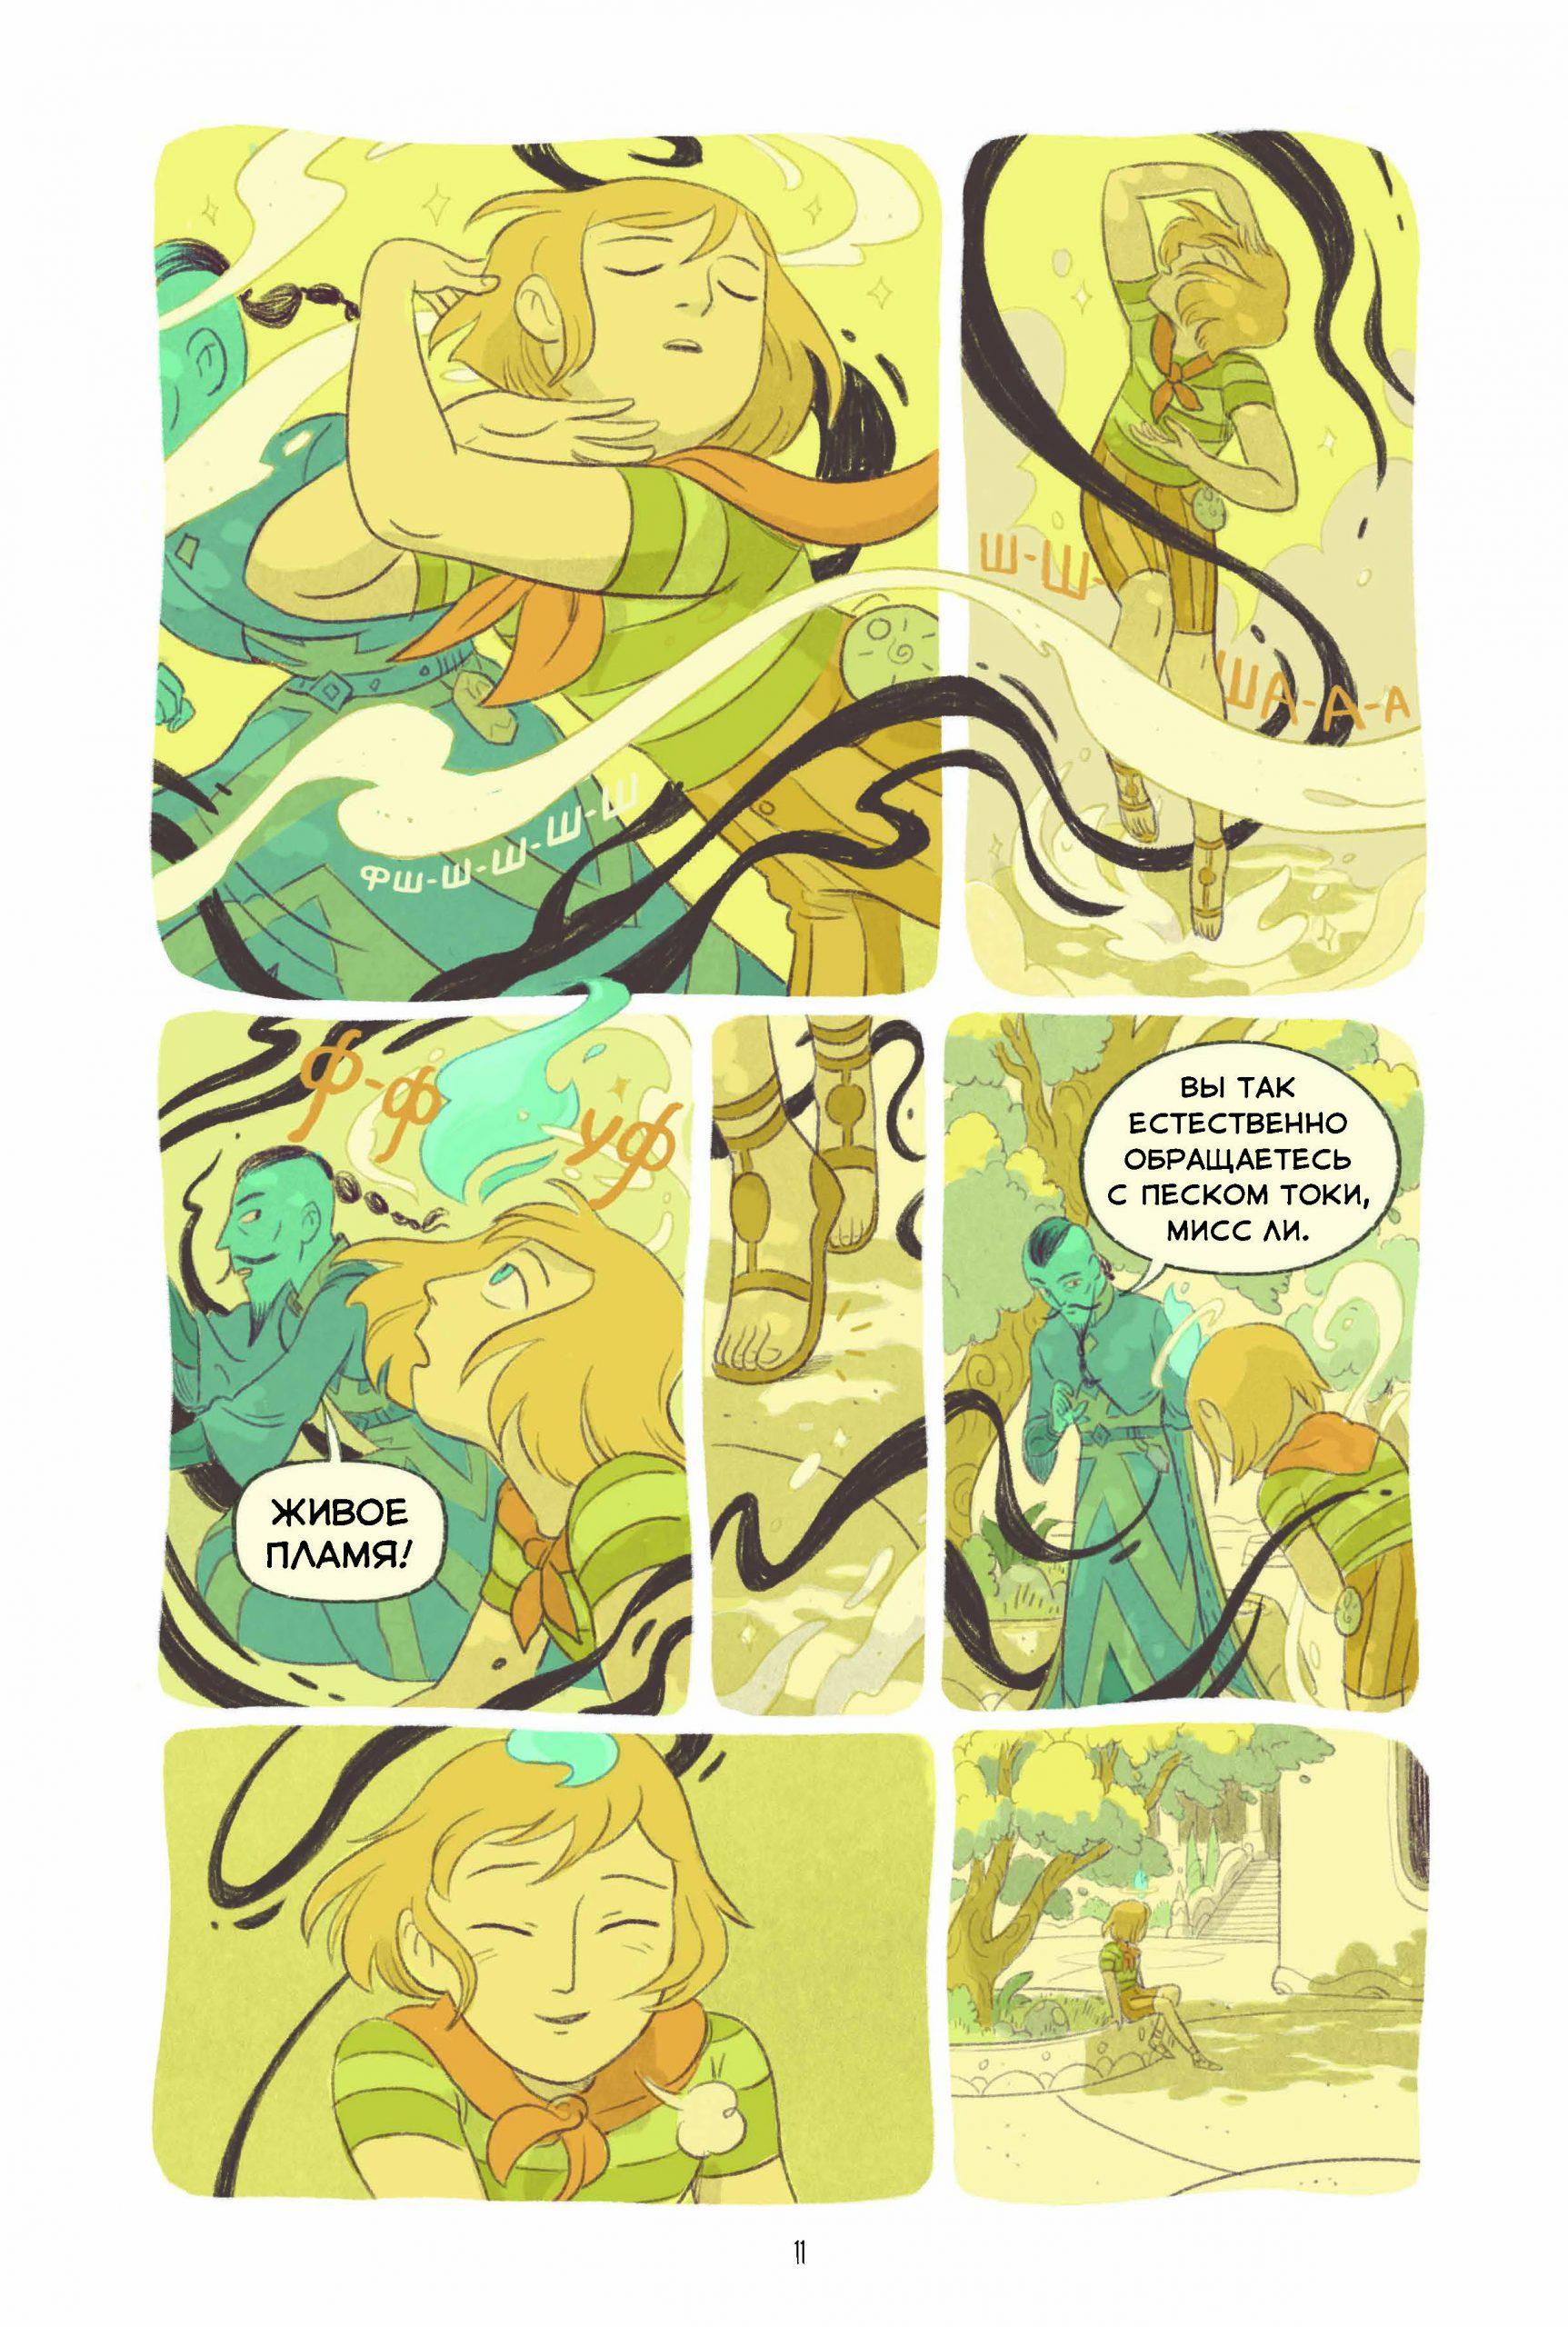 Пять миров. Том 2. Принц Кобальта. Отрывок из комикса 7